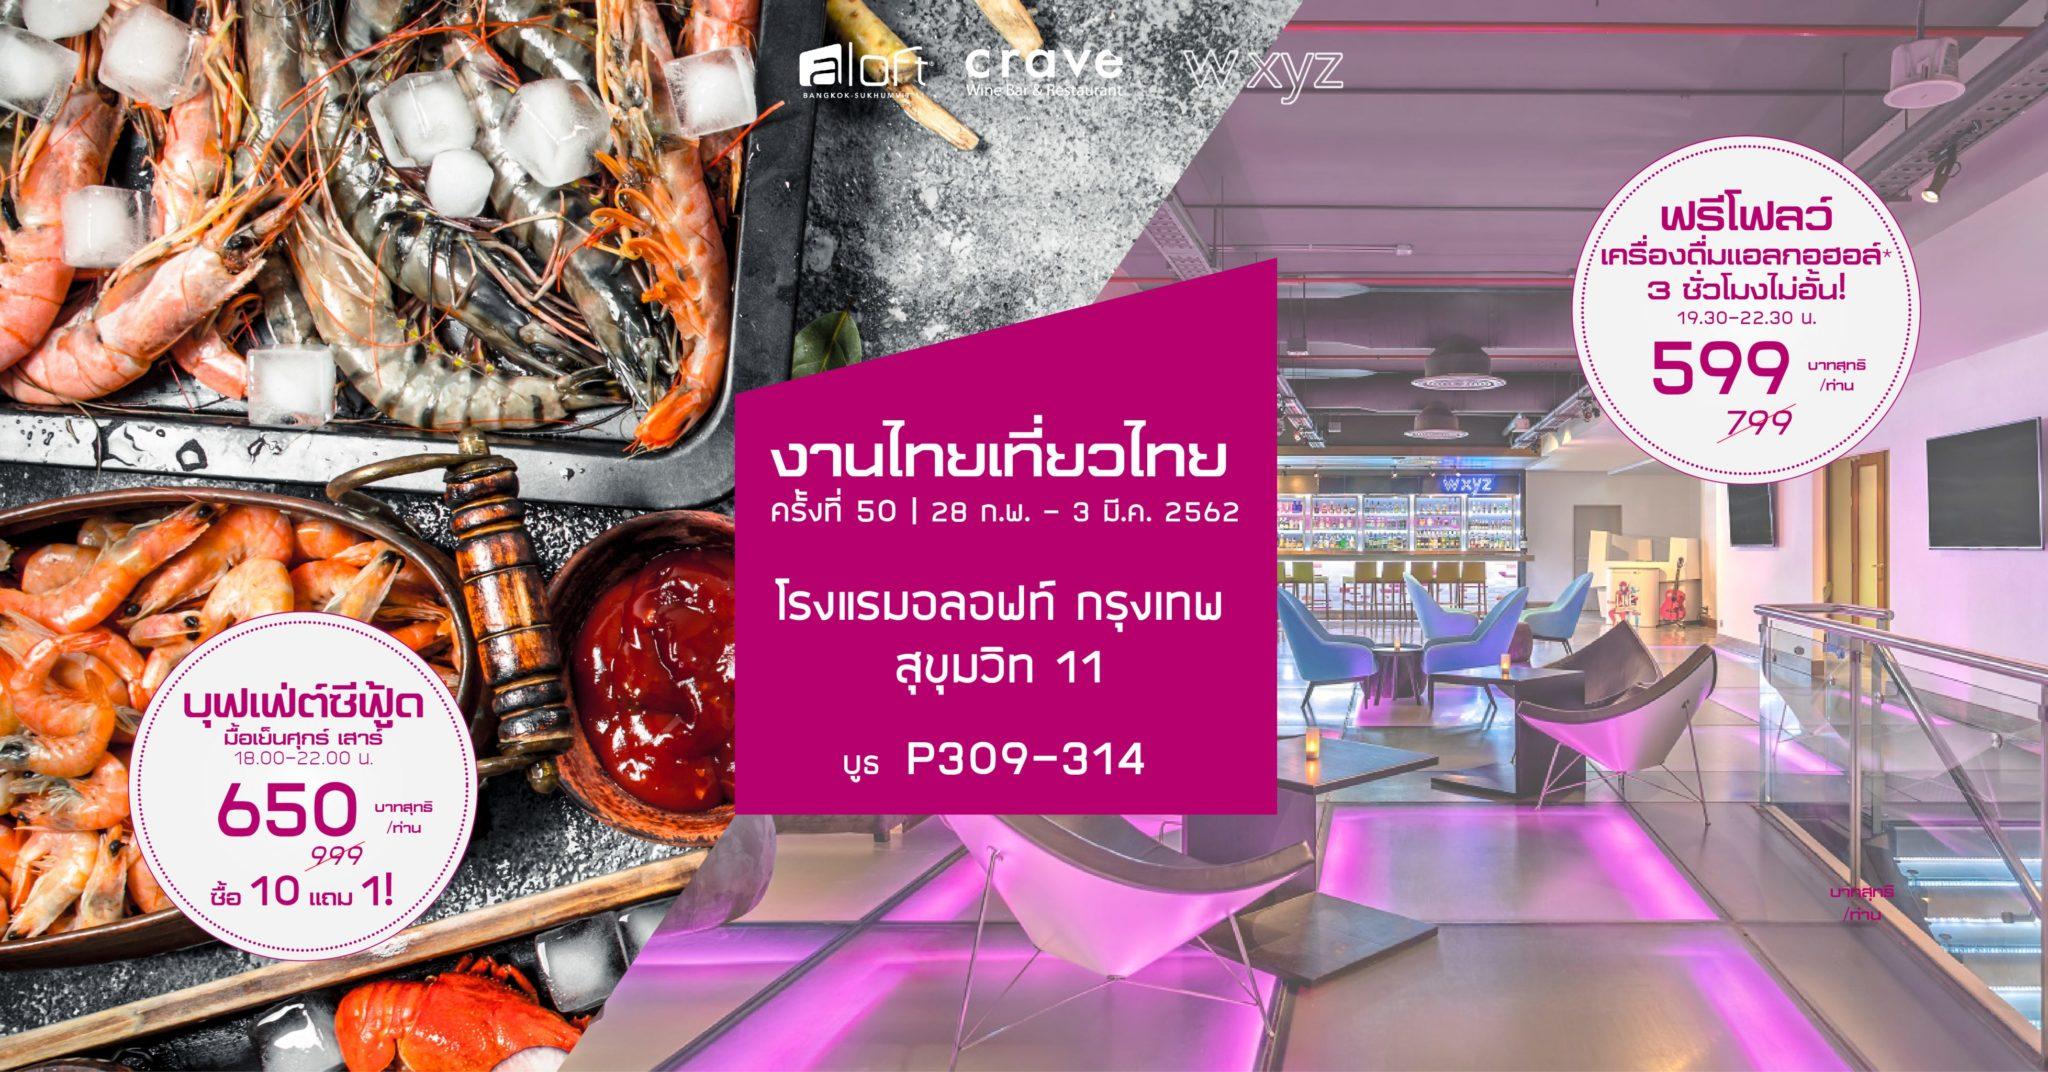 โปรโมชั่นงานไทยเที่ยวไทยครั้งที่ 50 โรงแรมอลอฟท์ กรุงเทพ - สุขุมวิท 11 13 -